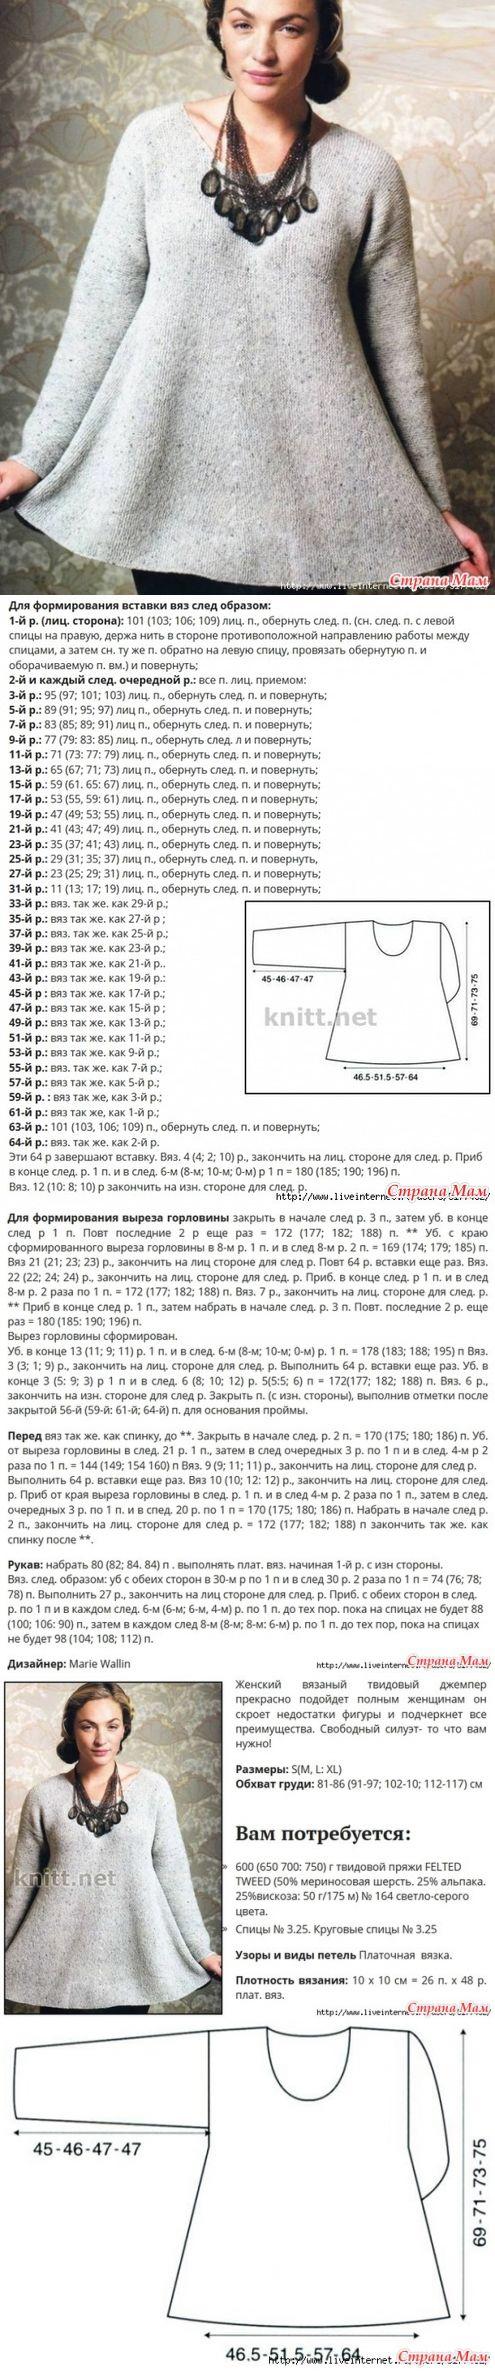 . Женский твидовый джемпер-туника от дизайнера Marie Wallin - Вязание - Страна Мам